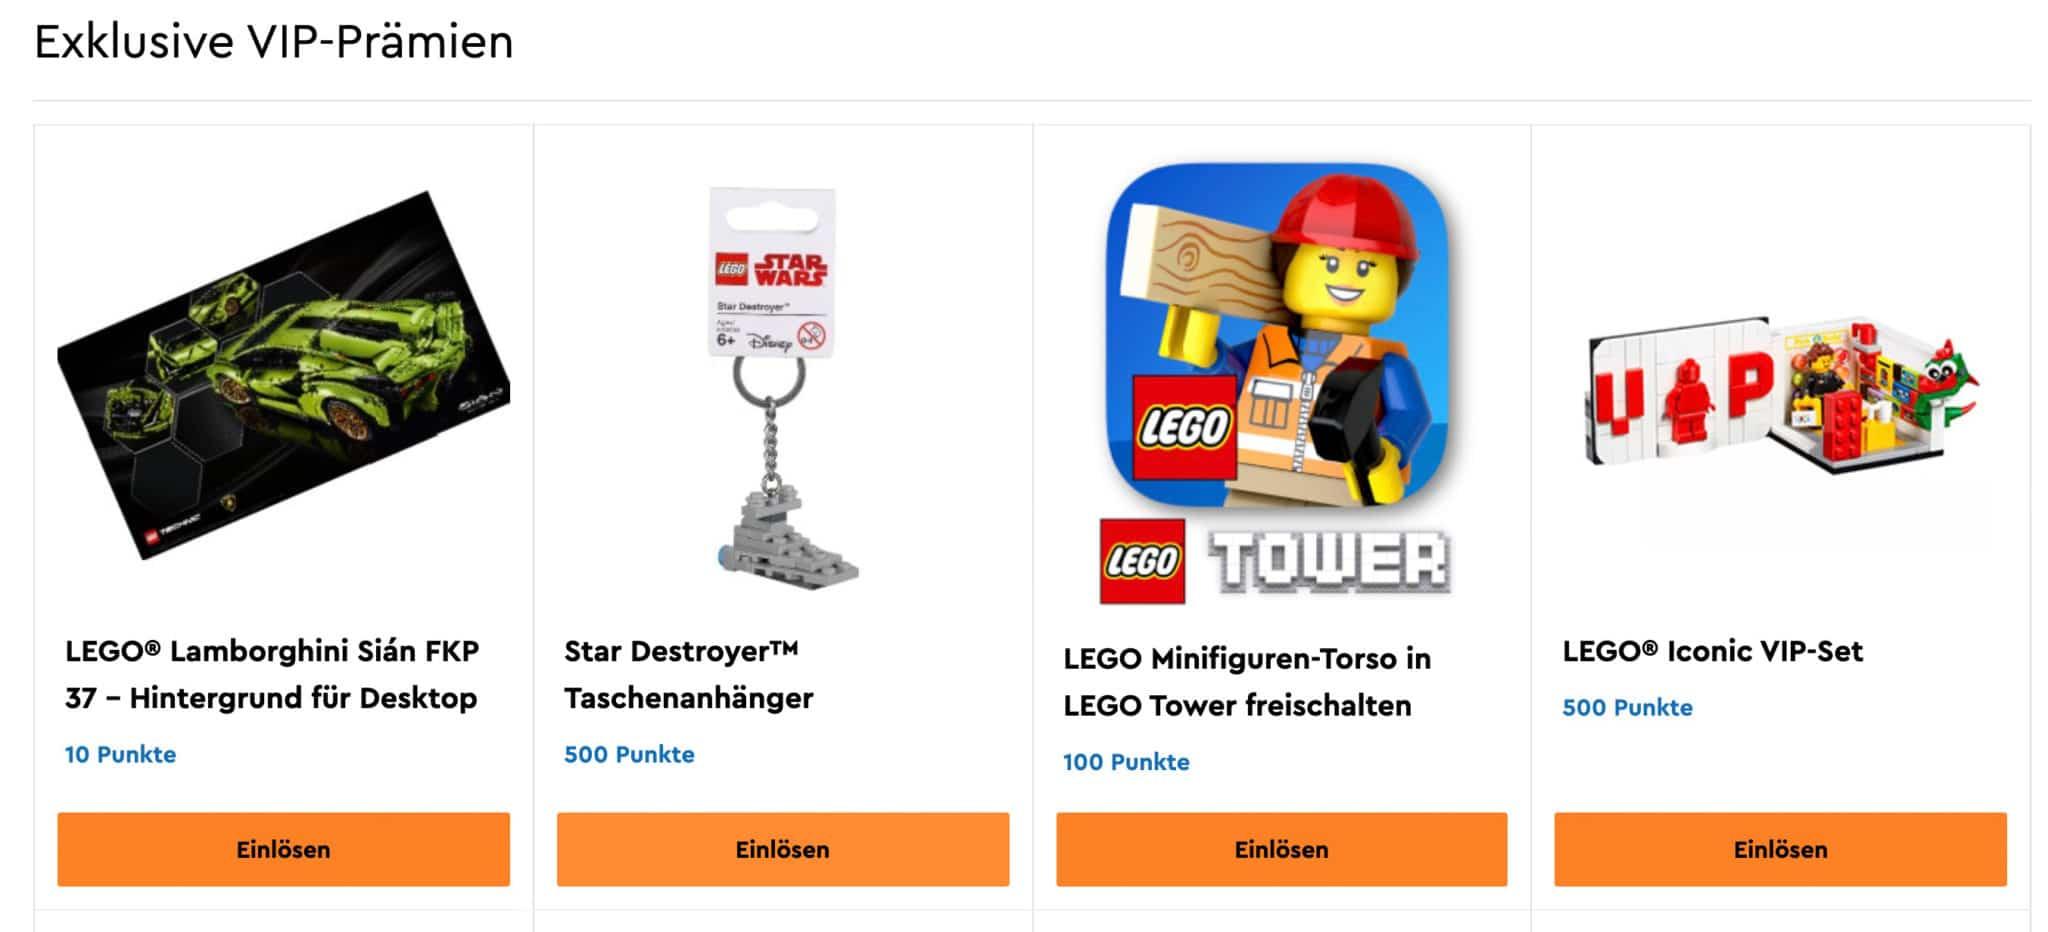 LEGO Vip Prämien Juni 2020